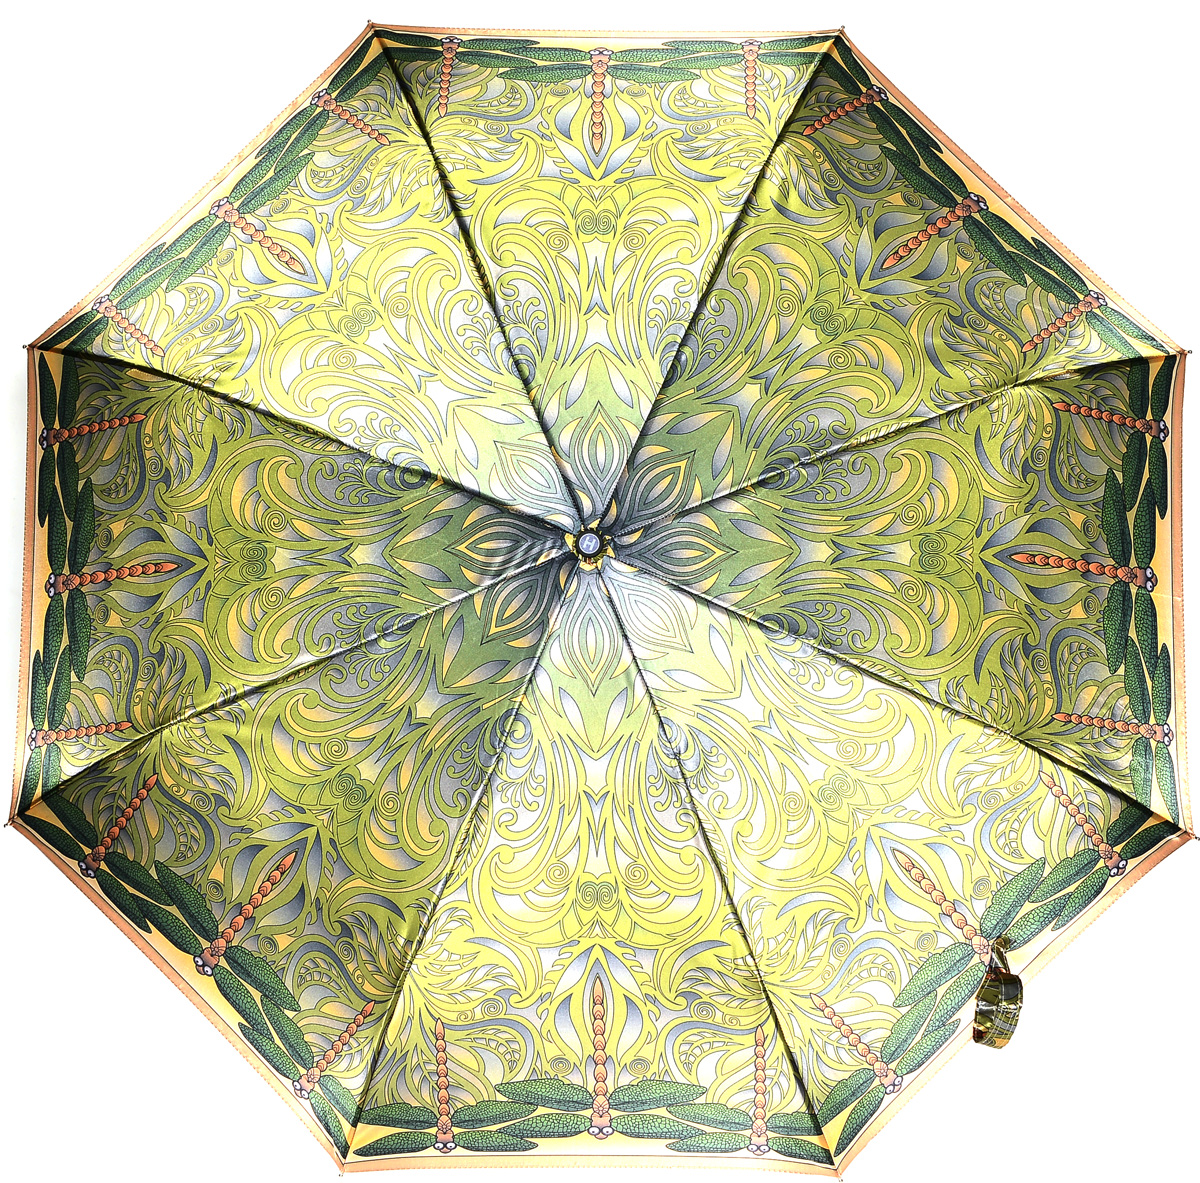 Зонт женский Henry Backer, 3 сложения, цвет: зеленый. U21204 Dragonfly45100032/35449/3537AРоскошный женский зонт «Стрекозы» с сатиновым куполом, автоматБольшой купол надежно защищает от дождя, прочный корпус выполнен из стали и фибергласса, конструкция каркаса ветроустойчивая.